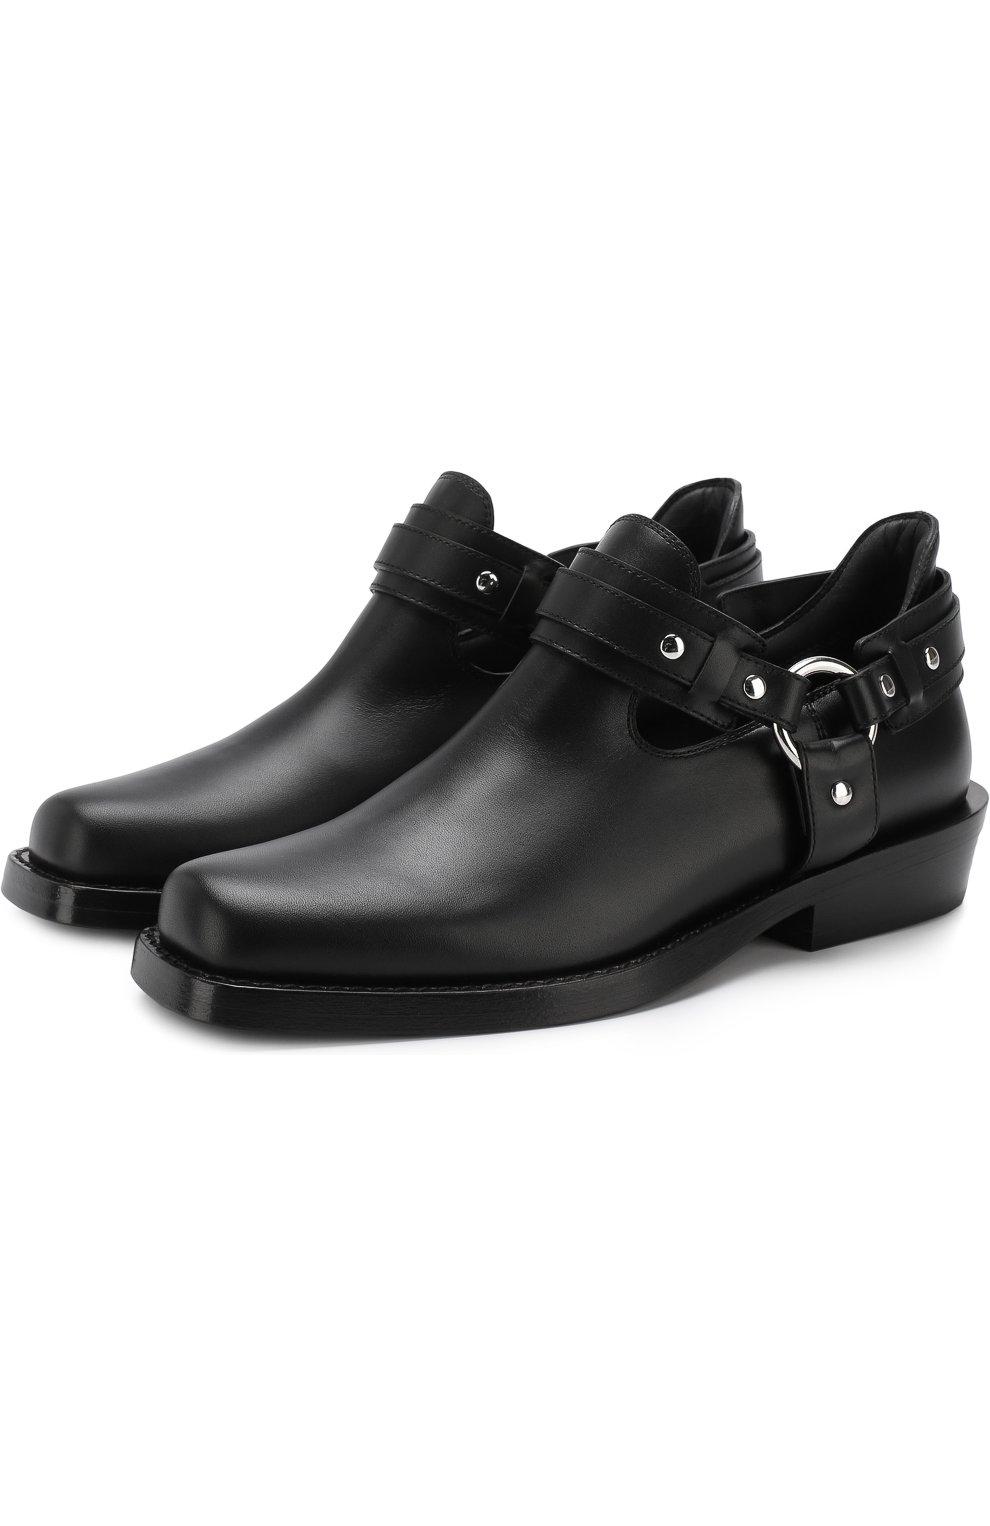 Женские кожаные ботинки с ремешками PACO RABANNE черного цвета, арт. 18PM0T0L03CAAFL   Фото 1 (Каблук высота: Низкий; Статус проверки: Проверено; Подошва: Плоская)